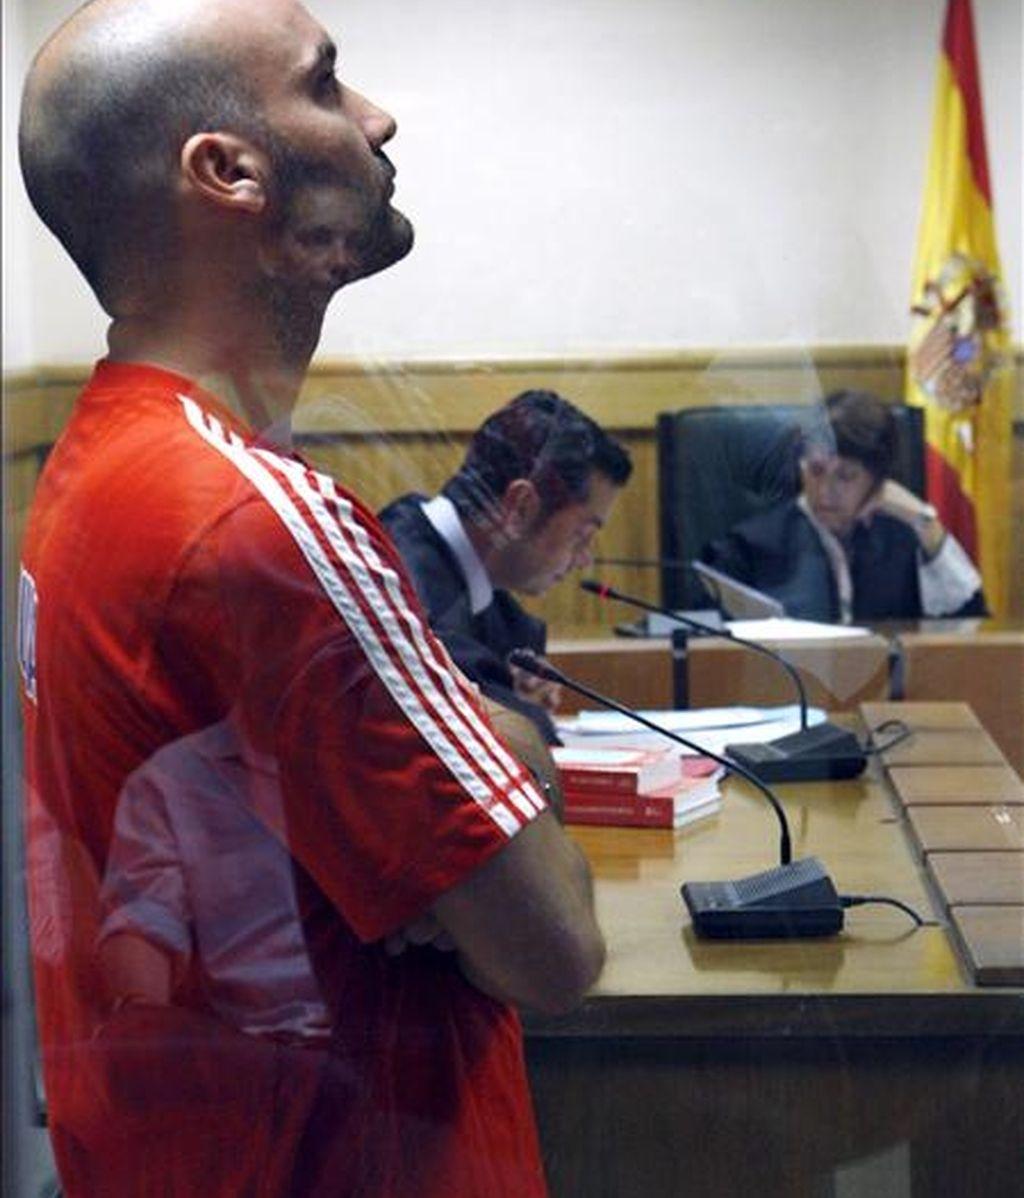 Aitor García Justo durante el juicio celebrado en julio de 2009 y al que compareció como acusado de incendiar varios cajeros automáticos y atacar una sede del PSOE en el barrio donostiarra de Alza. EFE